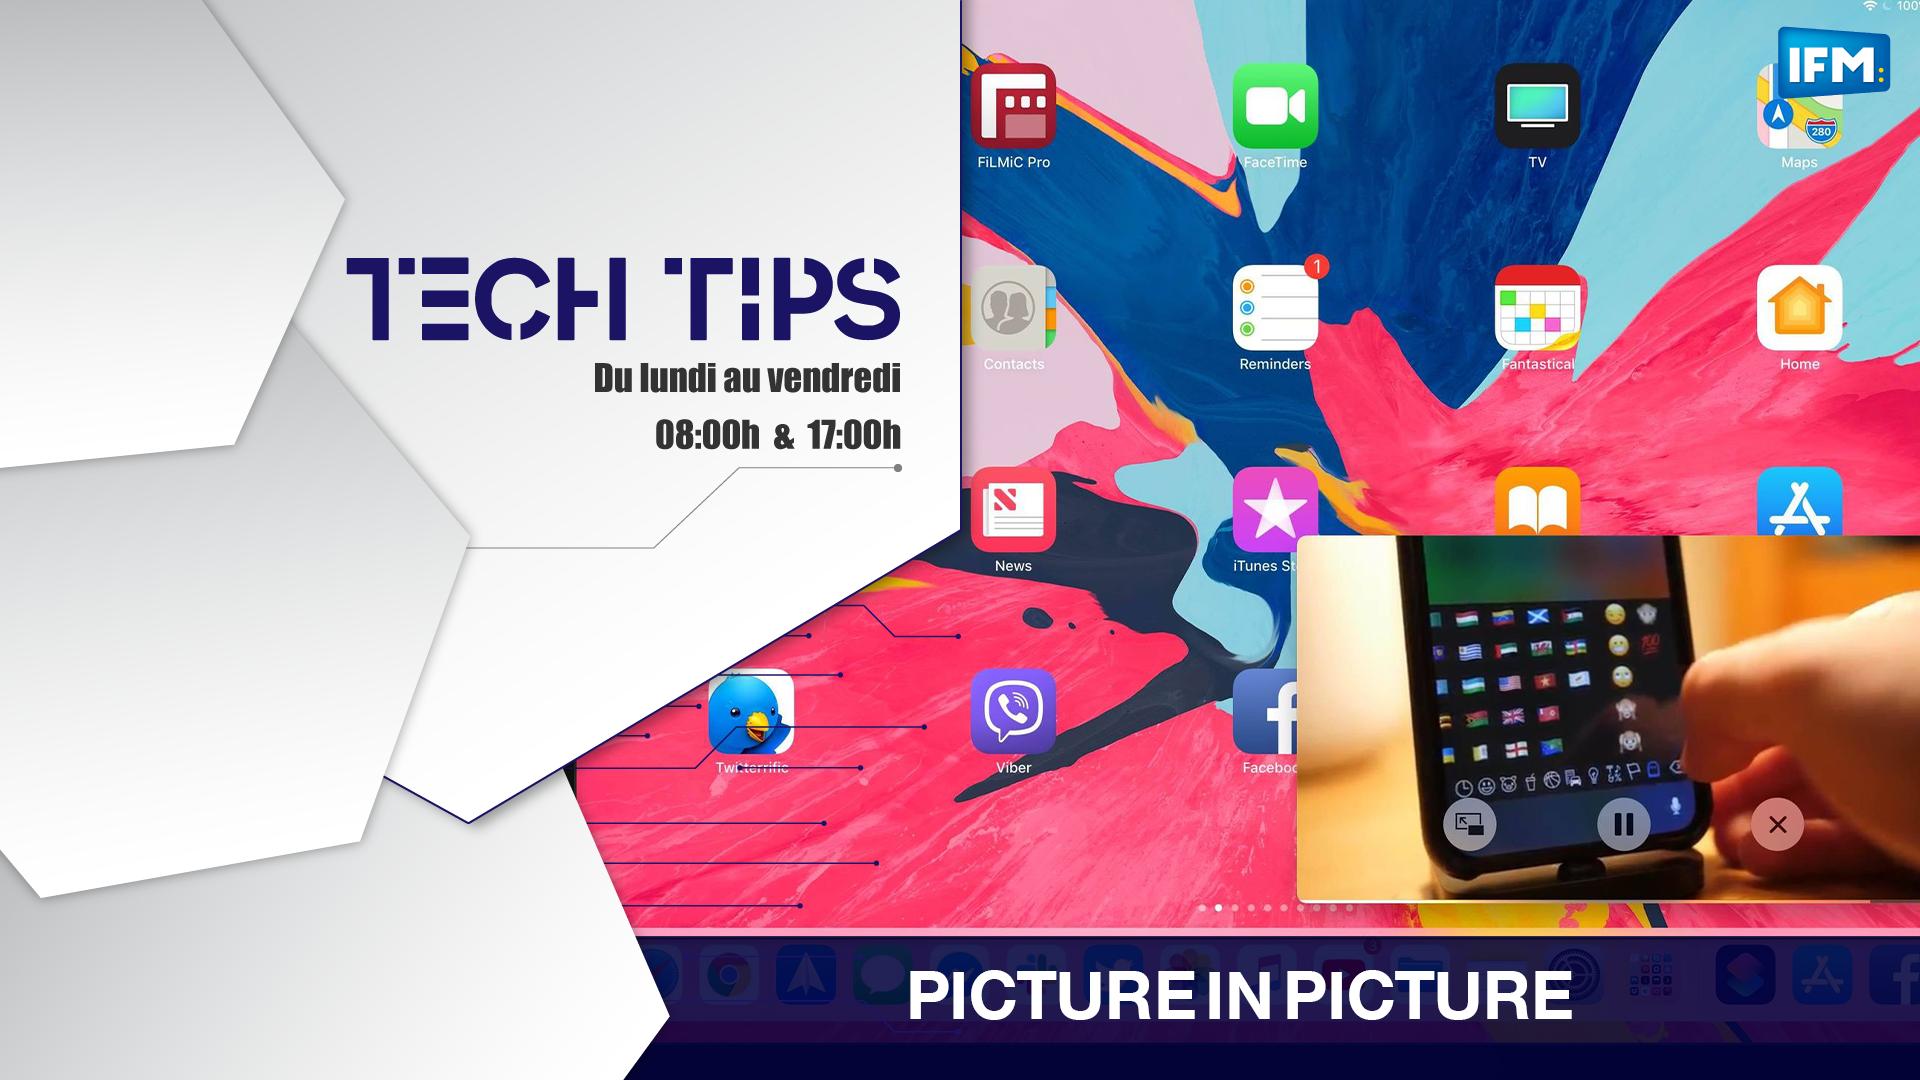 Tech Tips Tech tips : la fonction picture in picture, pour écouter sa musique sur Youtube tout en utilisant d'autres applications